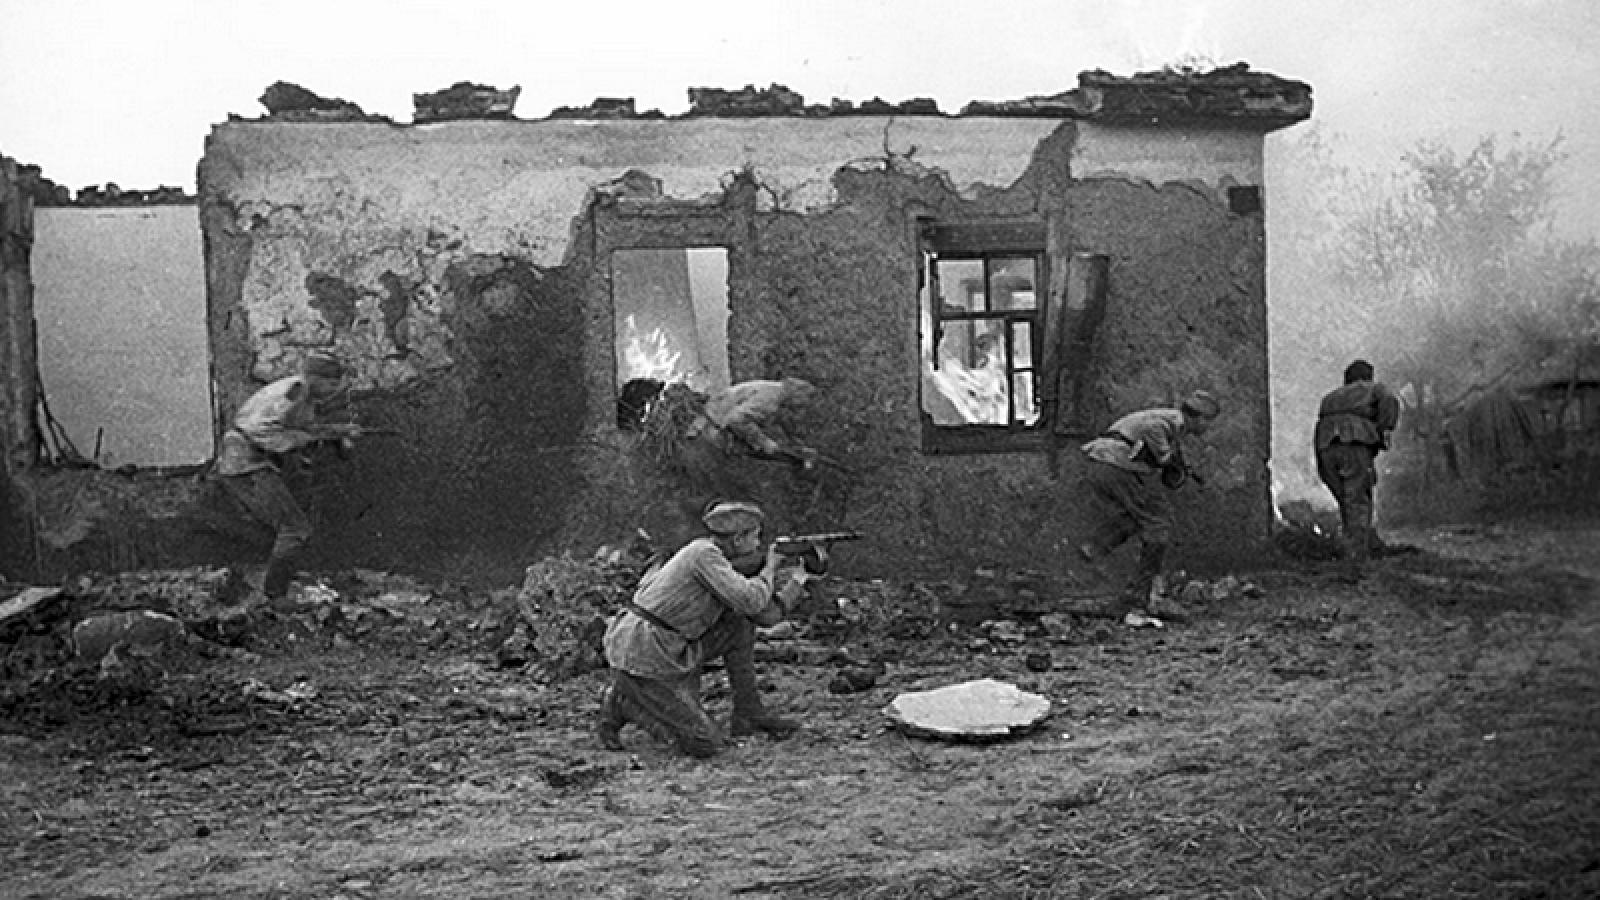 Hồng quân thất bại lớn trong trận Kharkov 2, phát xít Đức thẳng tiến tới Stalingrad